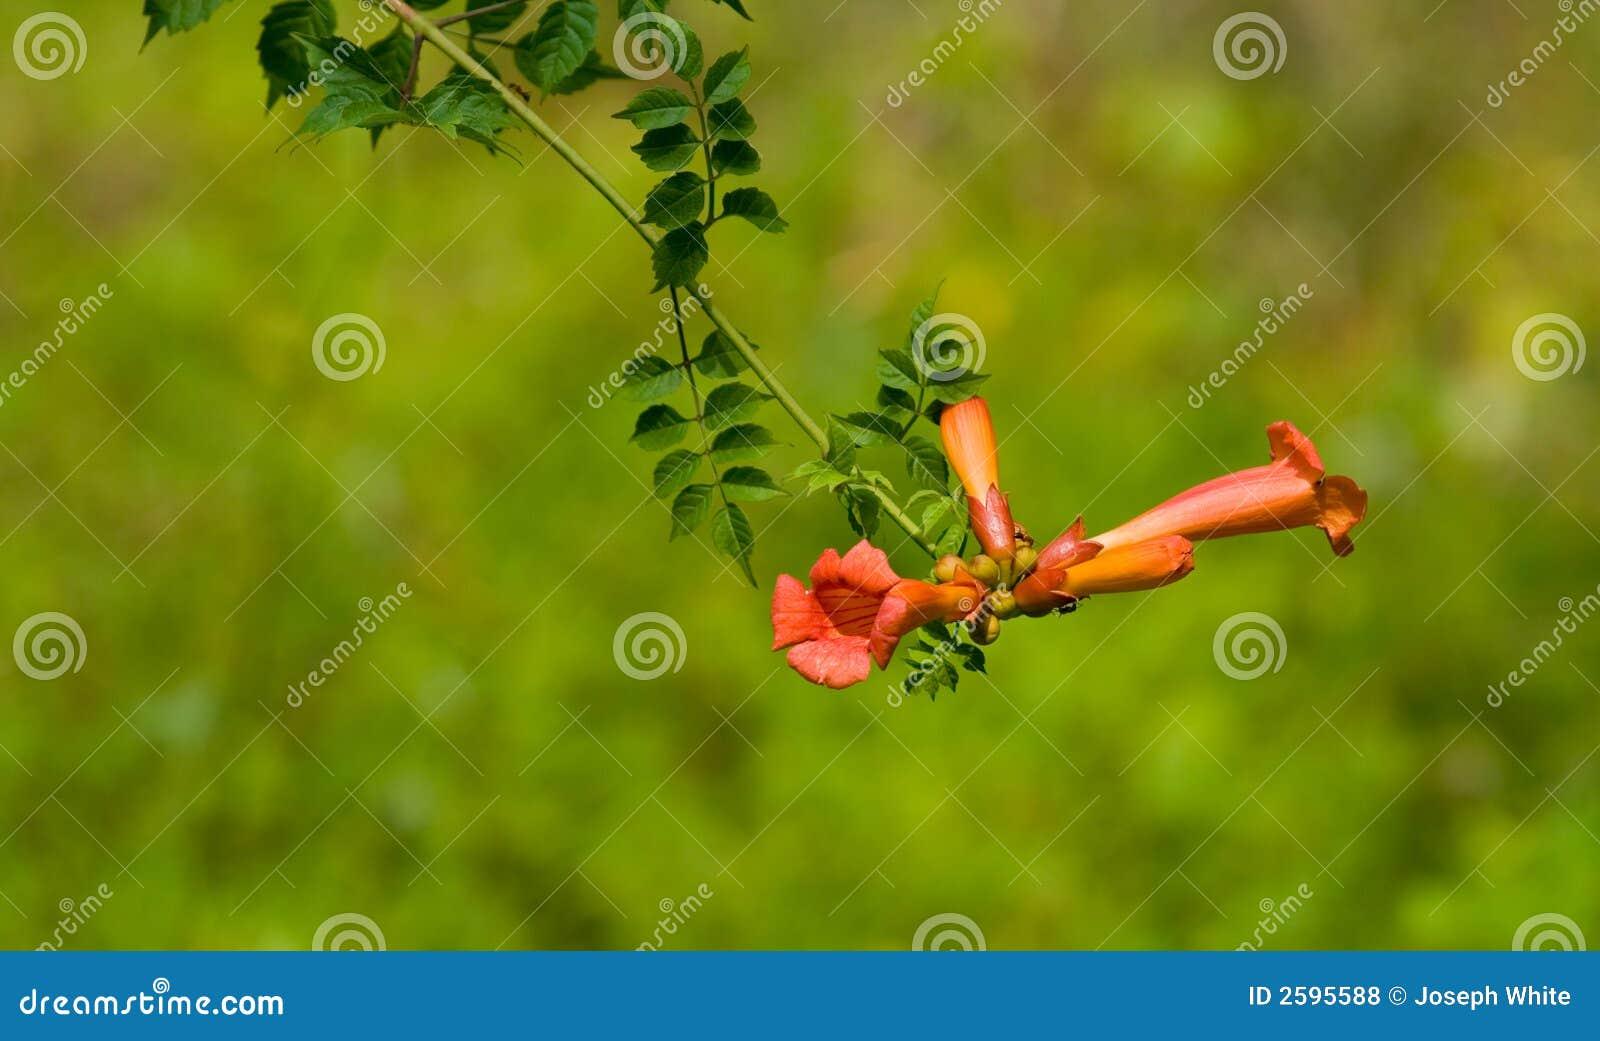 Fleur de vigne de plante grimpante de trompette photos libres de droits image 2595588 - Fleur en forme de trompette ...